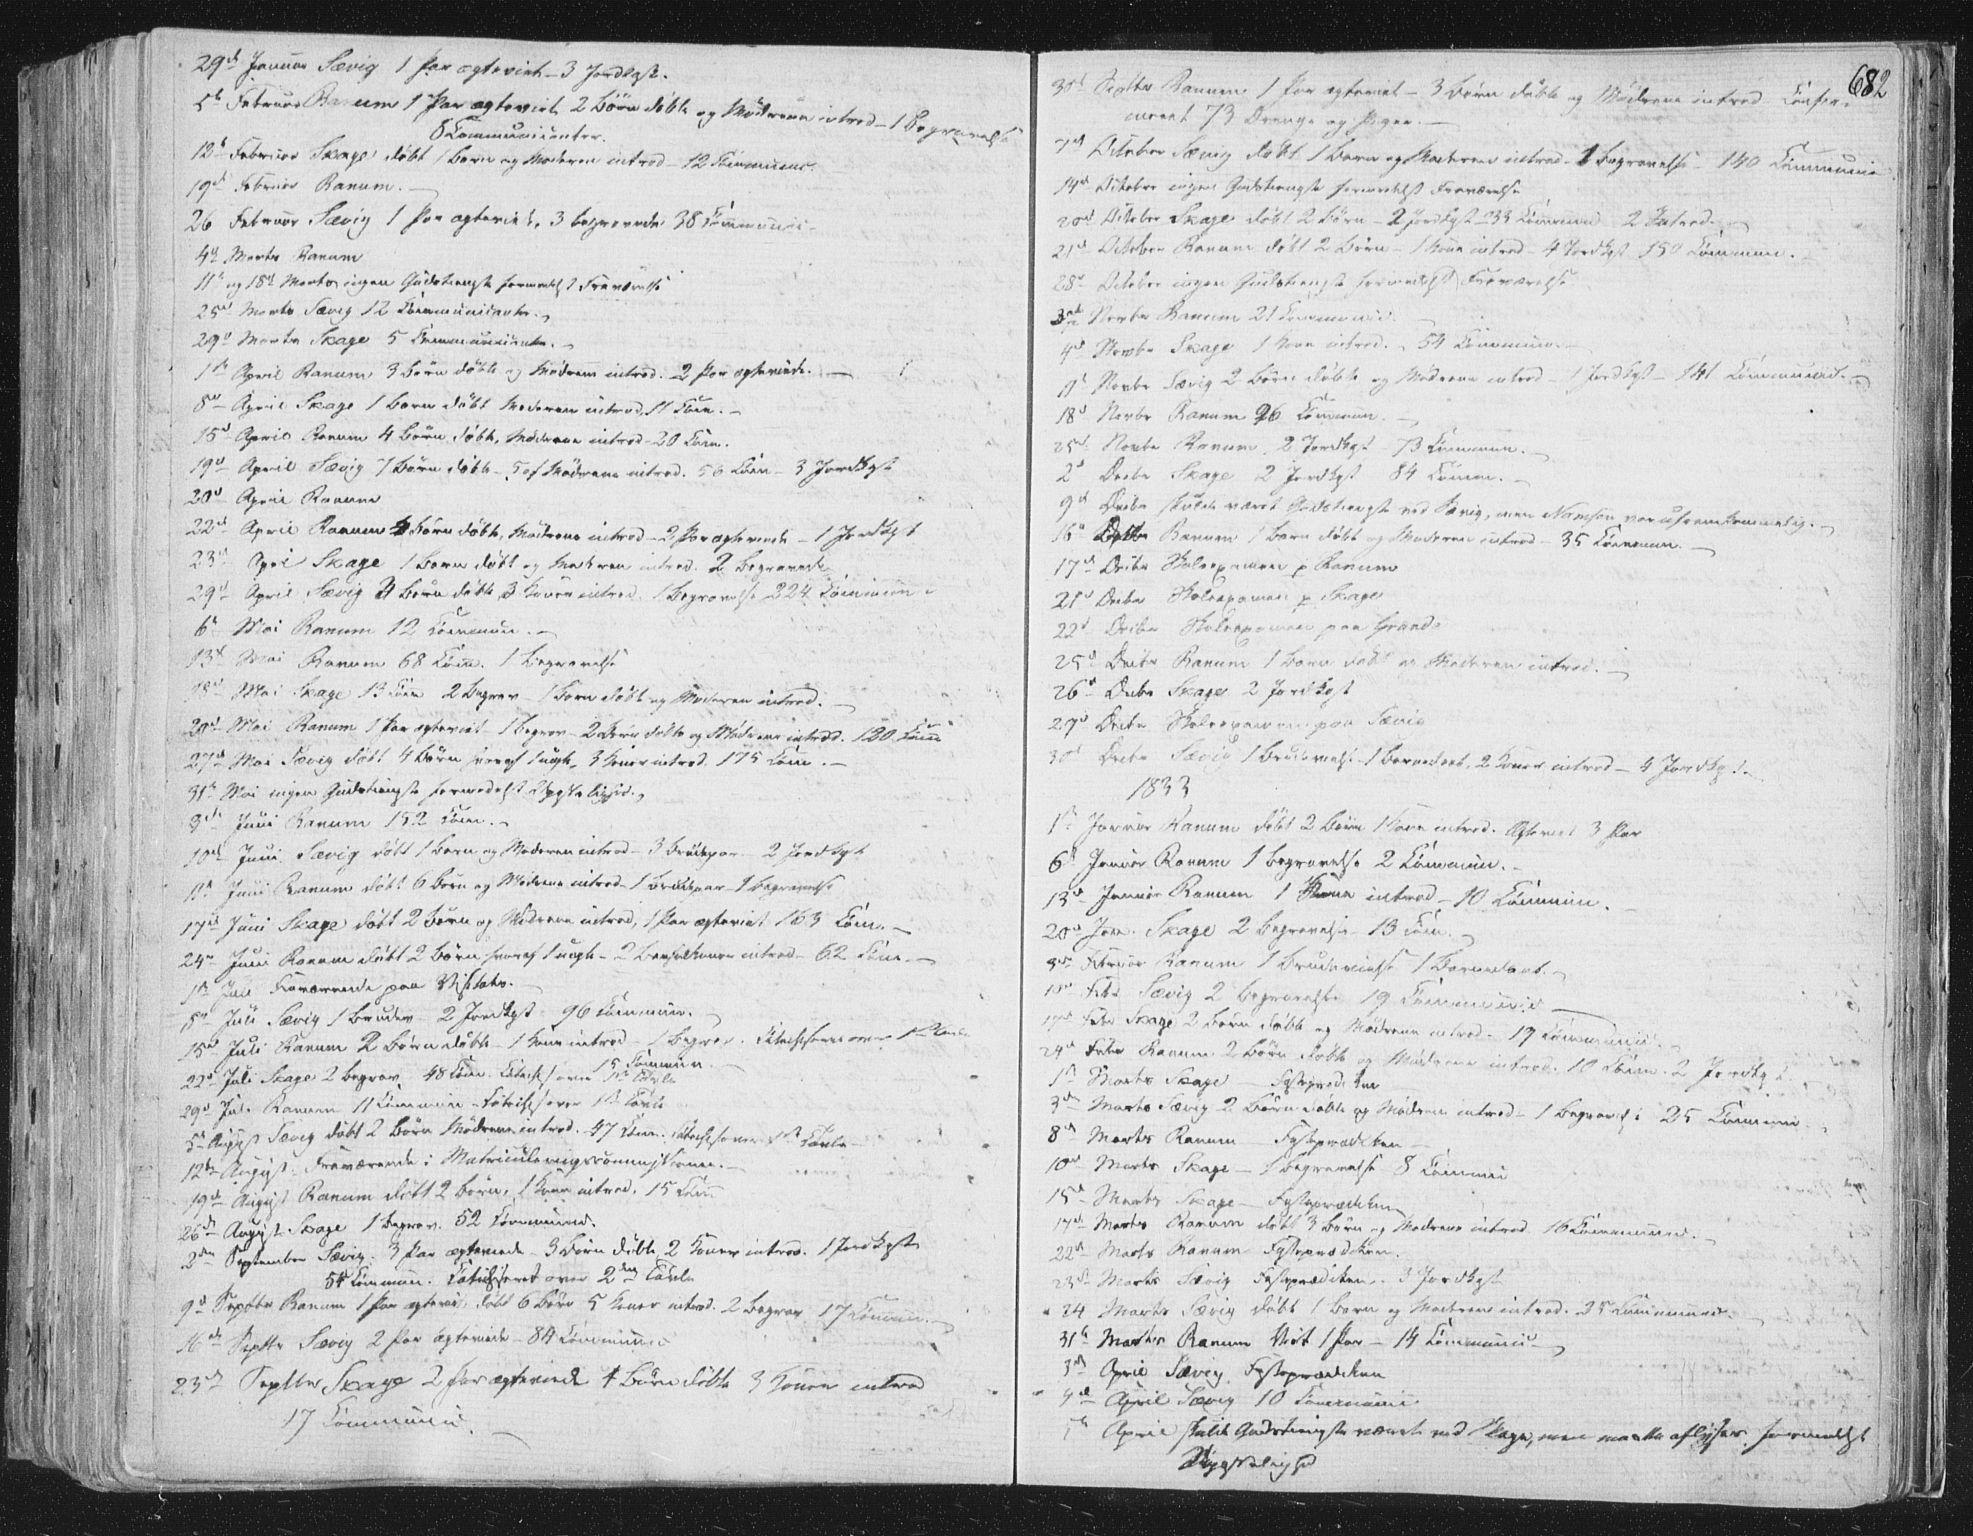 SAT, Ministerialprotokoller, klokkerbøker og fødselsregistre - Nord-Trøndelag, 764/L0552: Ministerialbok nr. 764A07b, 1824-1865, s. 682